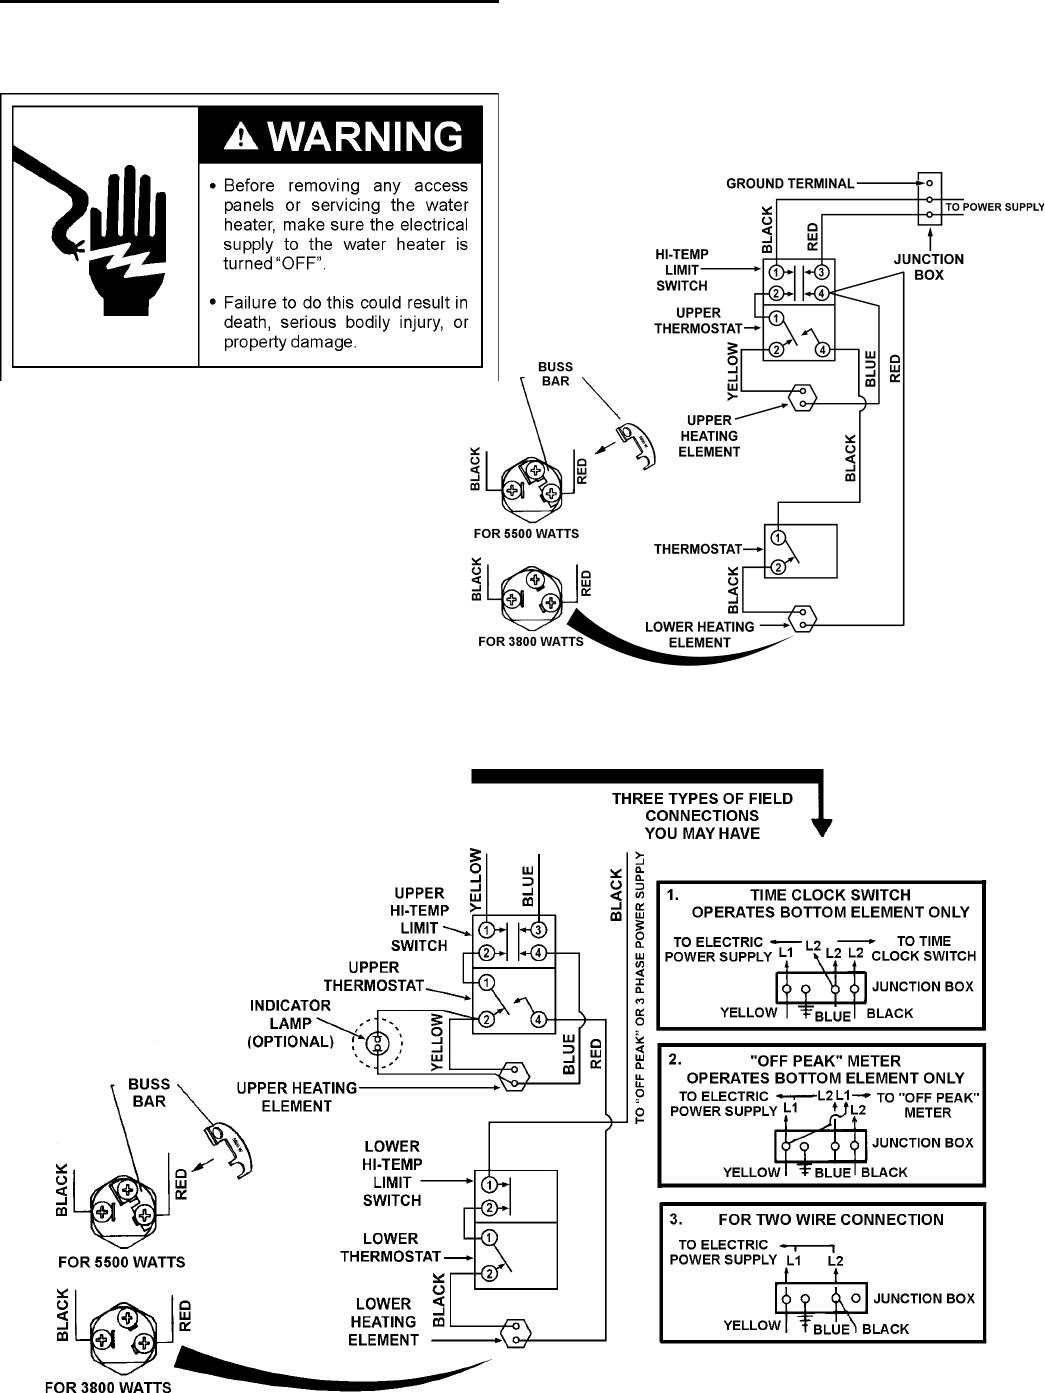 Off Peak Hot Water Wiring Diagram